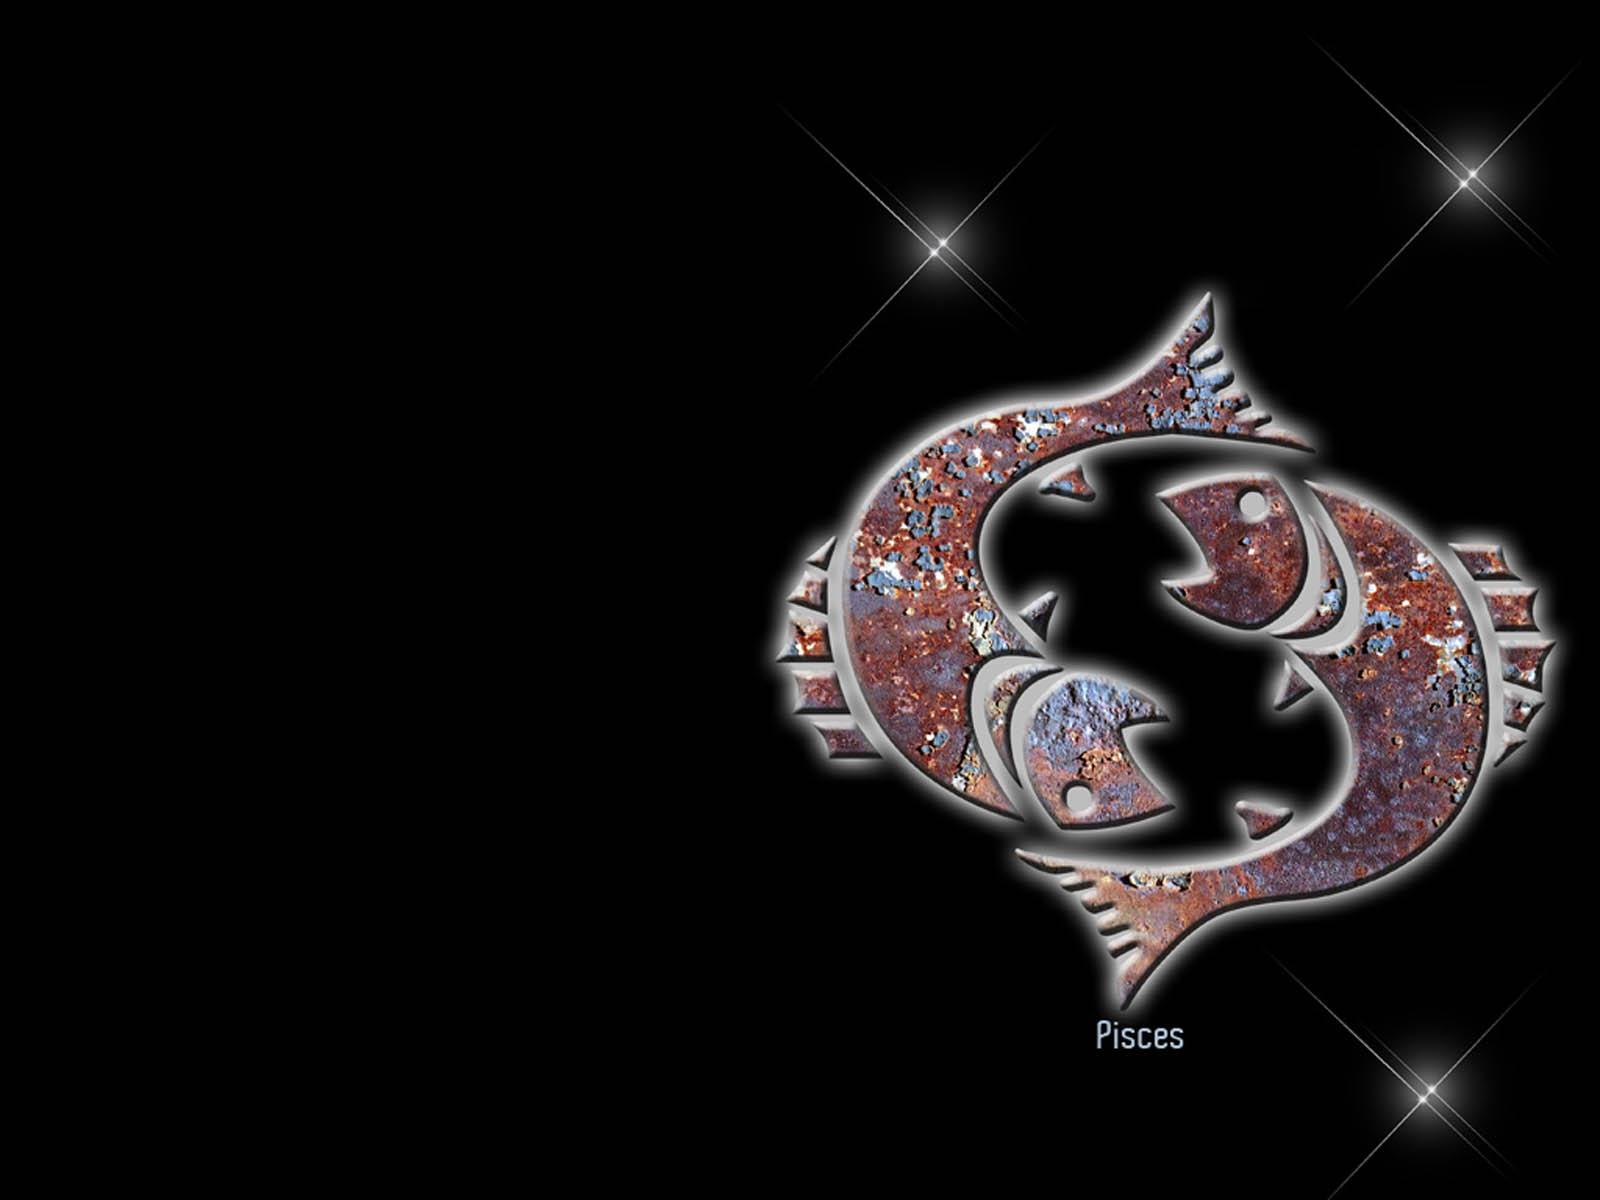 http://1.bp.blogspot.com/-HCGcR3_Qs54/UD9sr1I_OBI/AAAAAAAAIvA/lEvtcr--0Ko/s1600/Pisces+Wallpapers+3.jpg